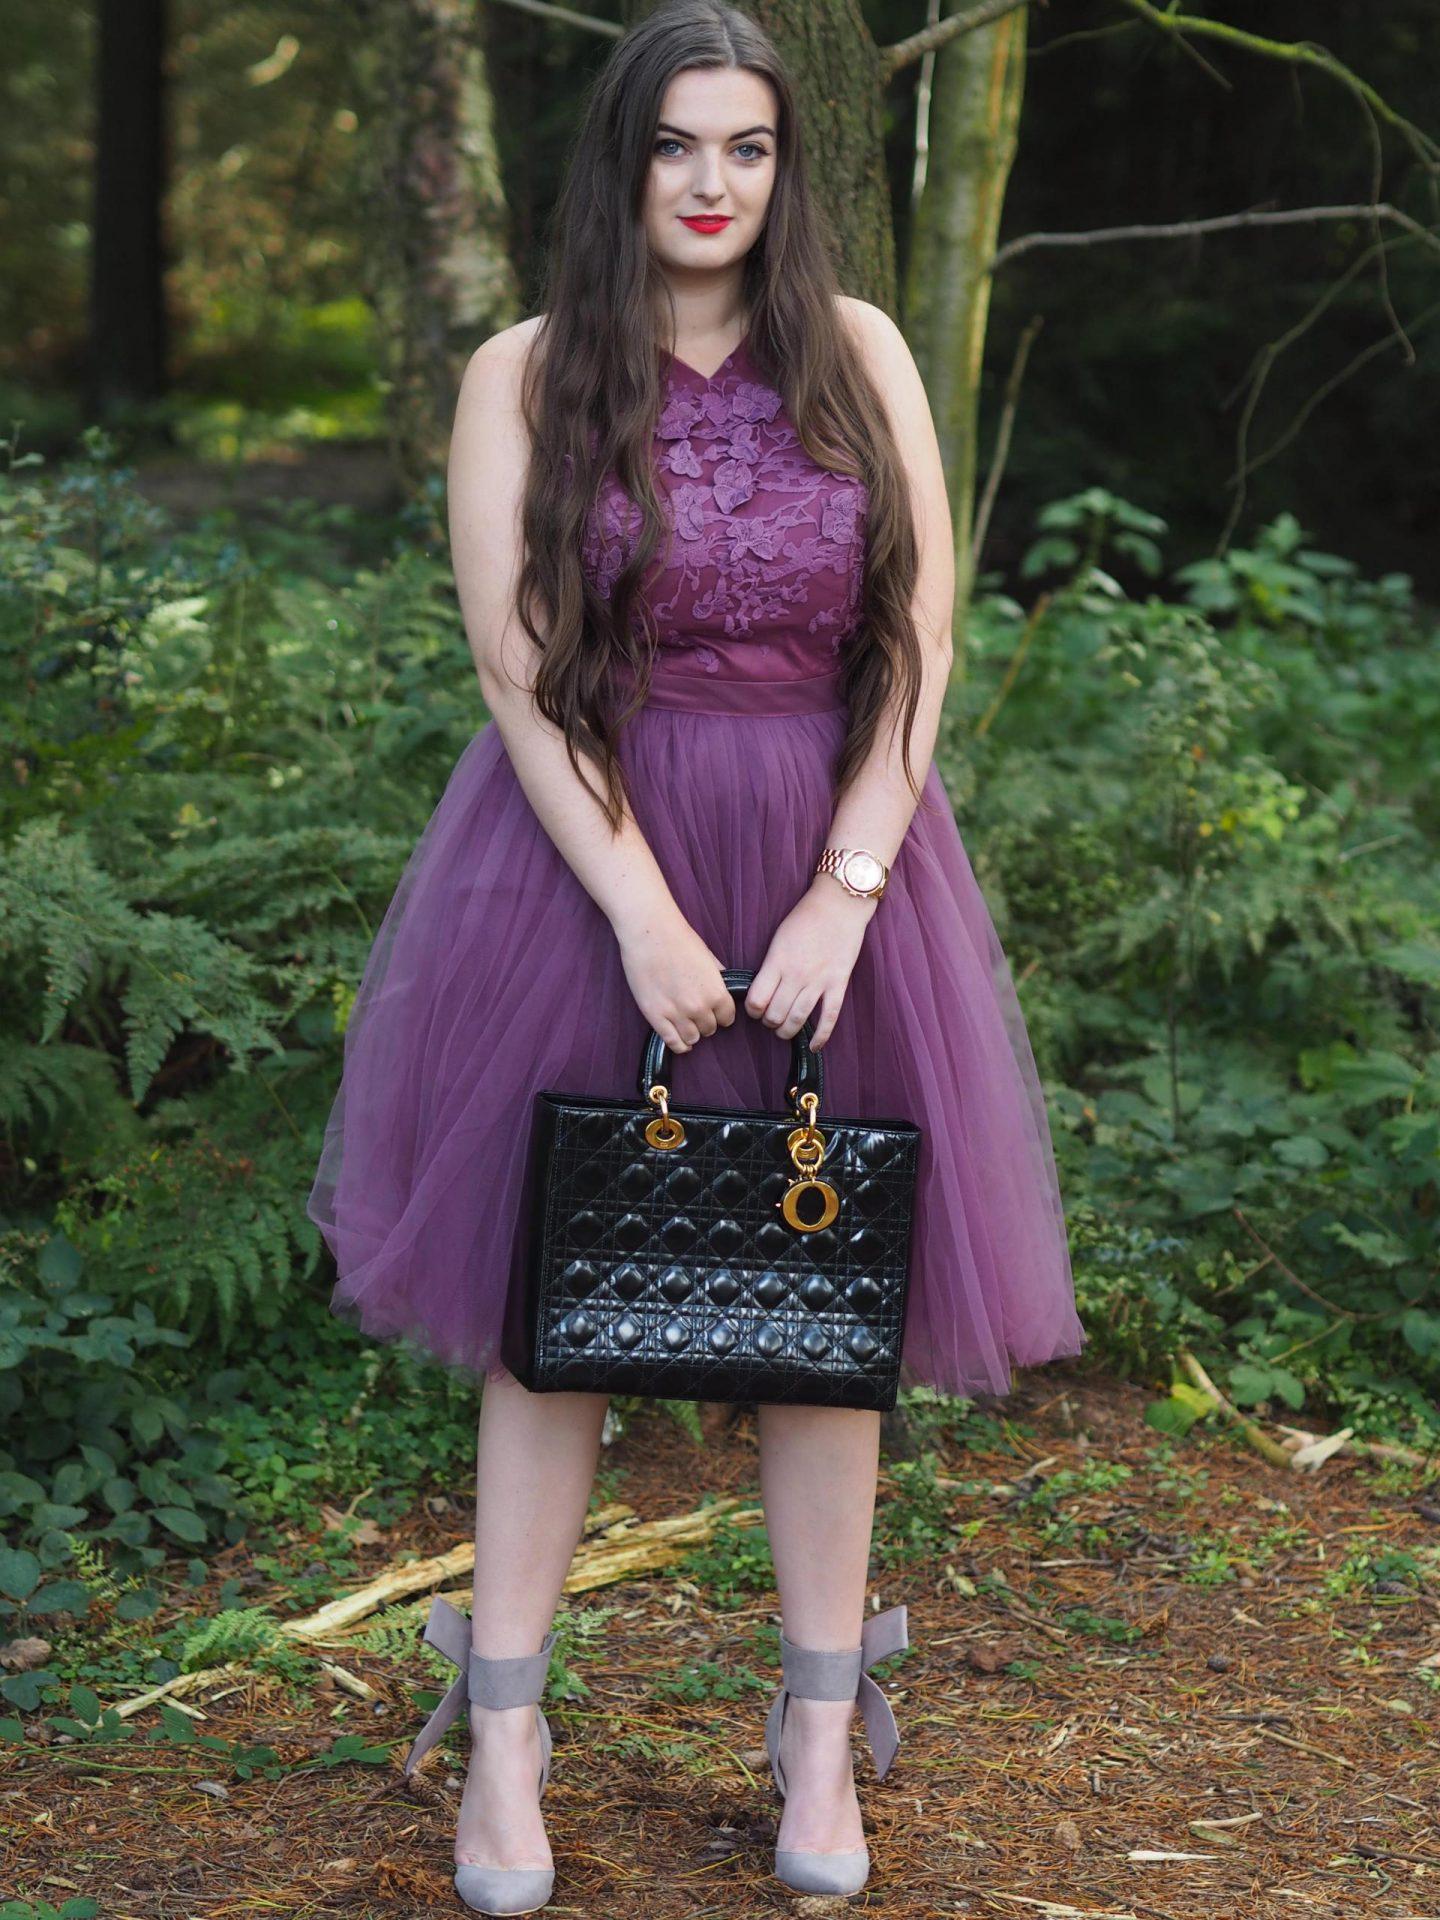 chi-chi-clothing-elif-dress-rachel-nicole-uk-blogger-1